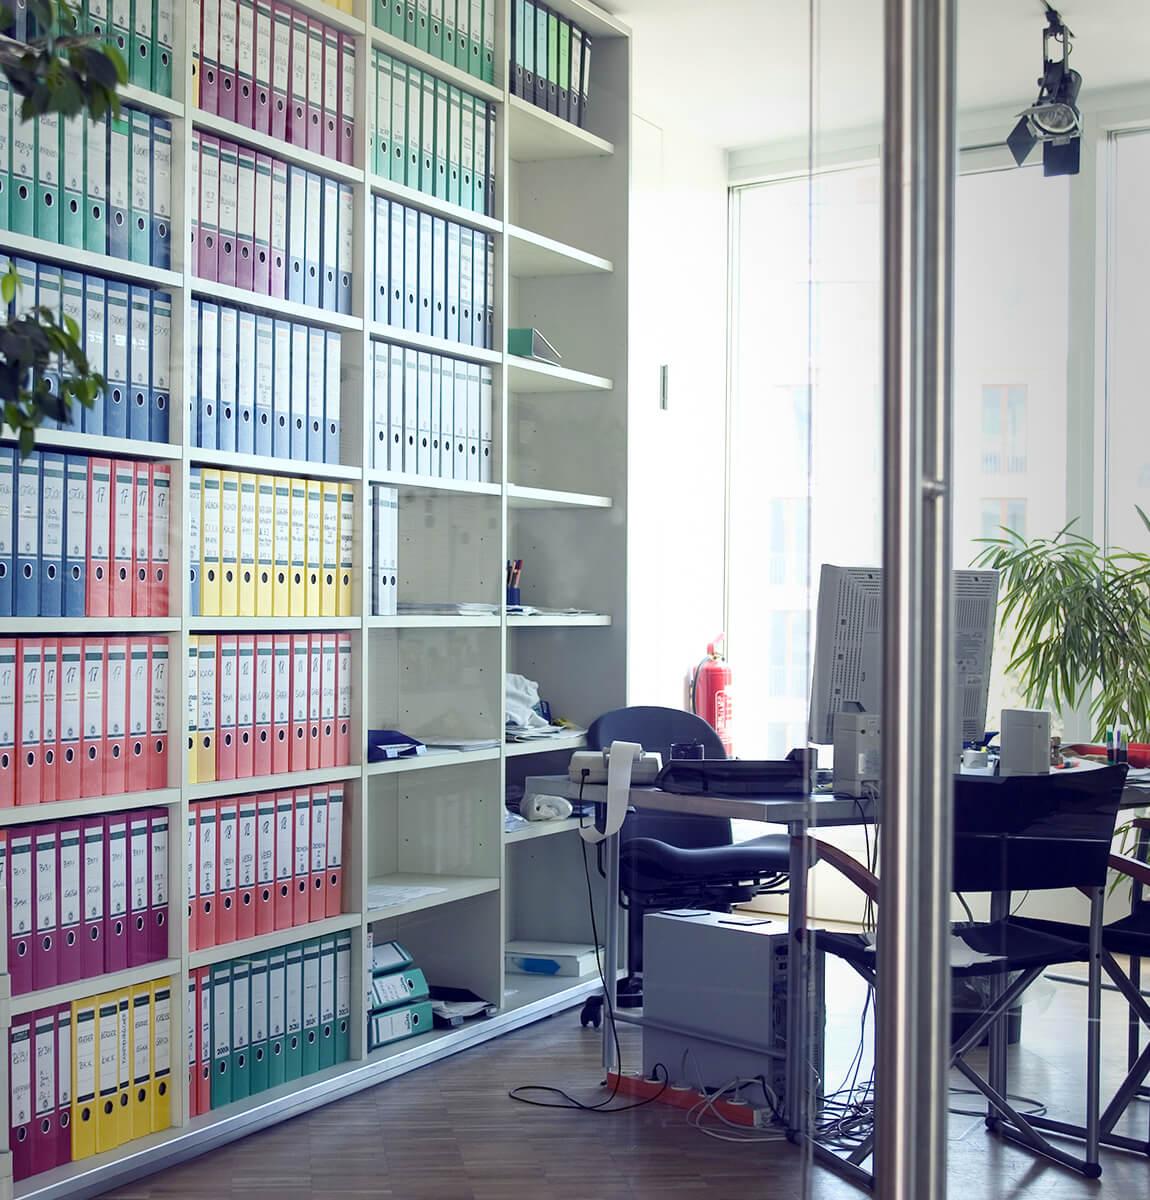 Großes Regal mit Akten und Schreibtisch mir Rechner zur Datenverwaltung